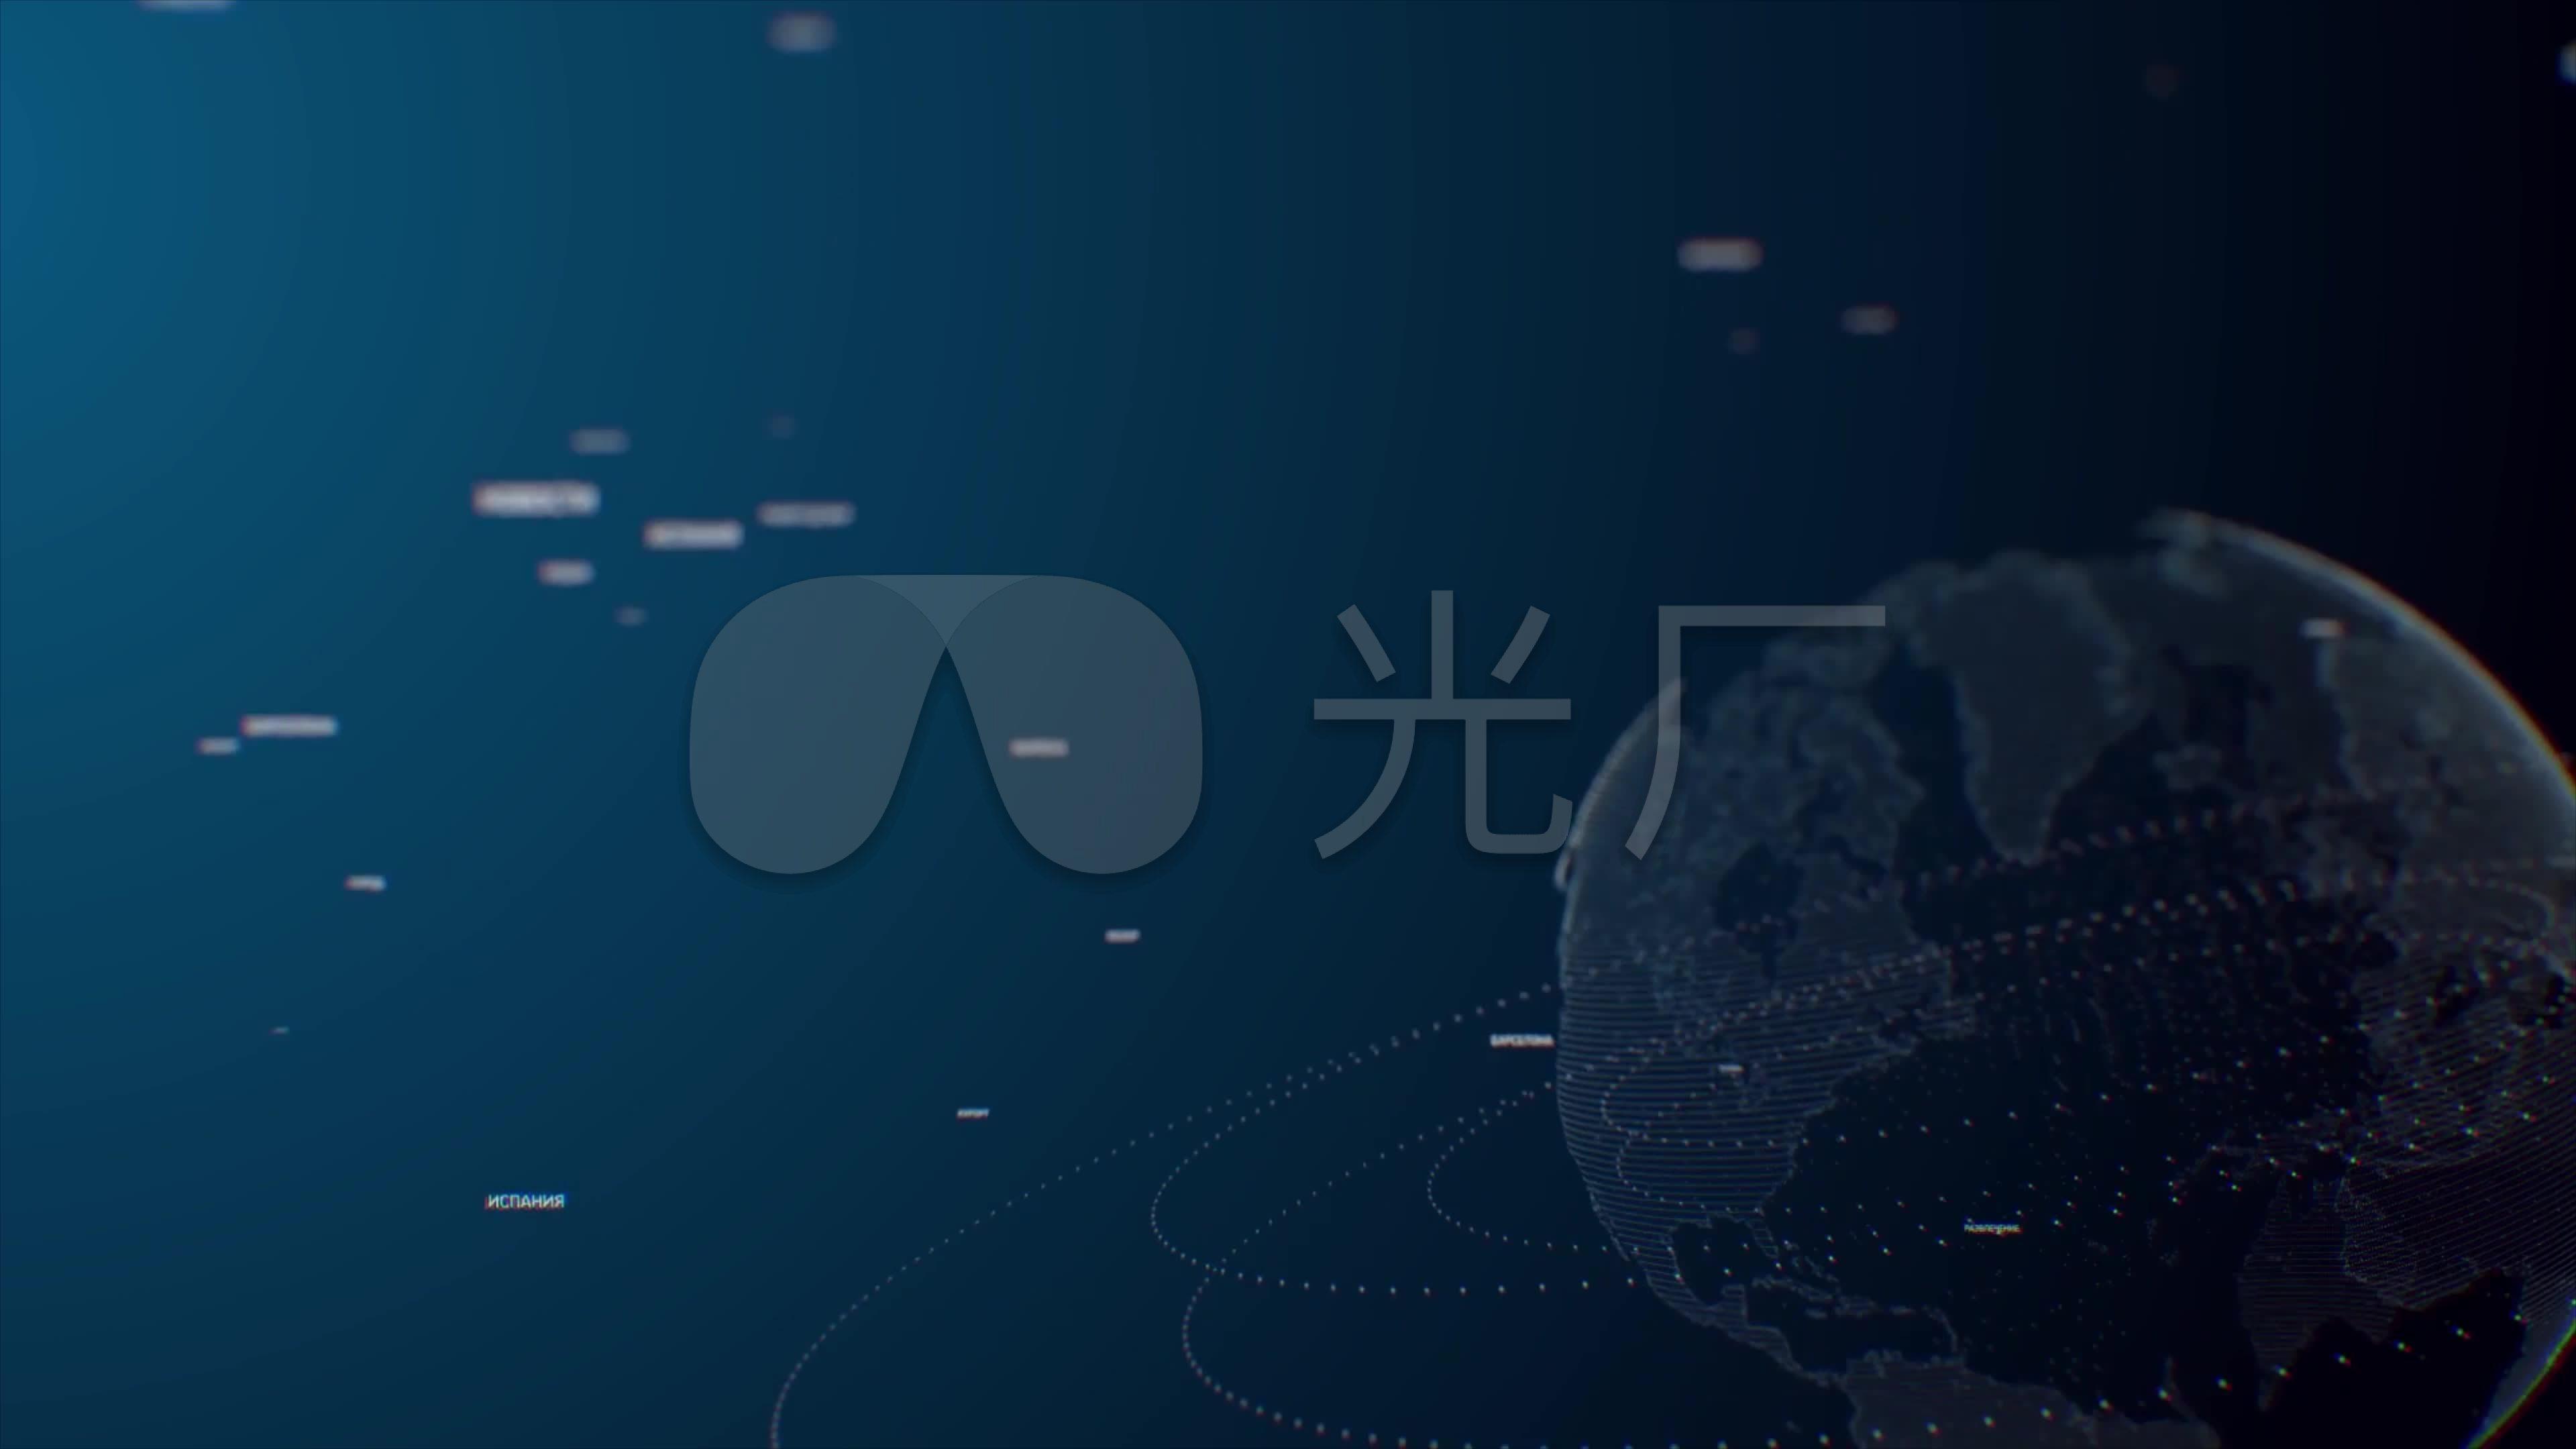 全球资讯_全球新闻播报_3840x2160_高清视频素材下载(编号:)